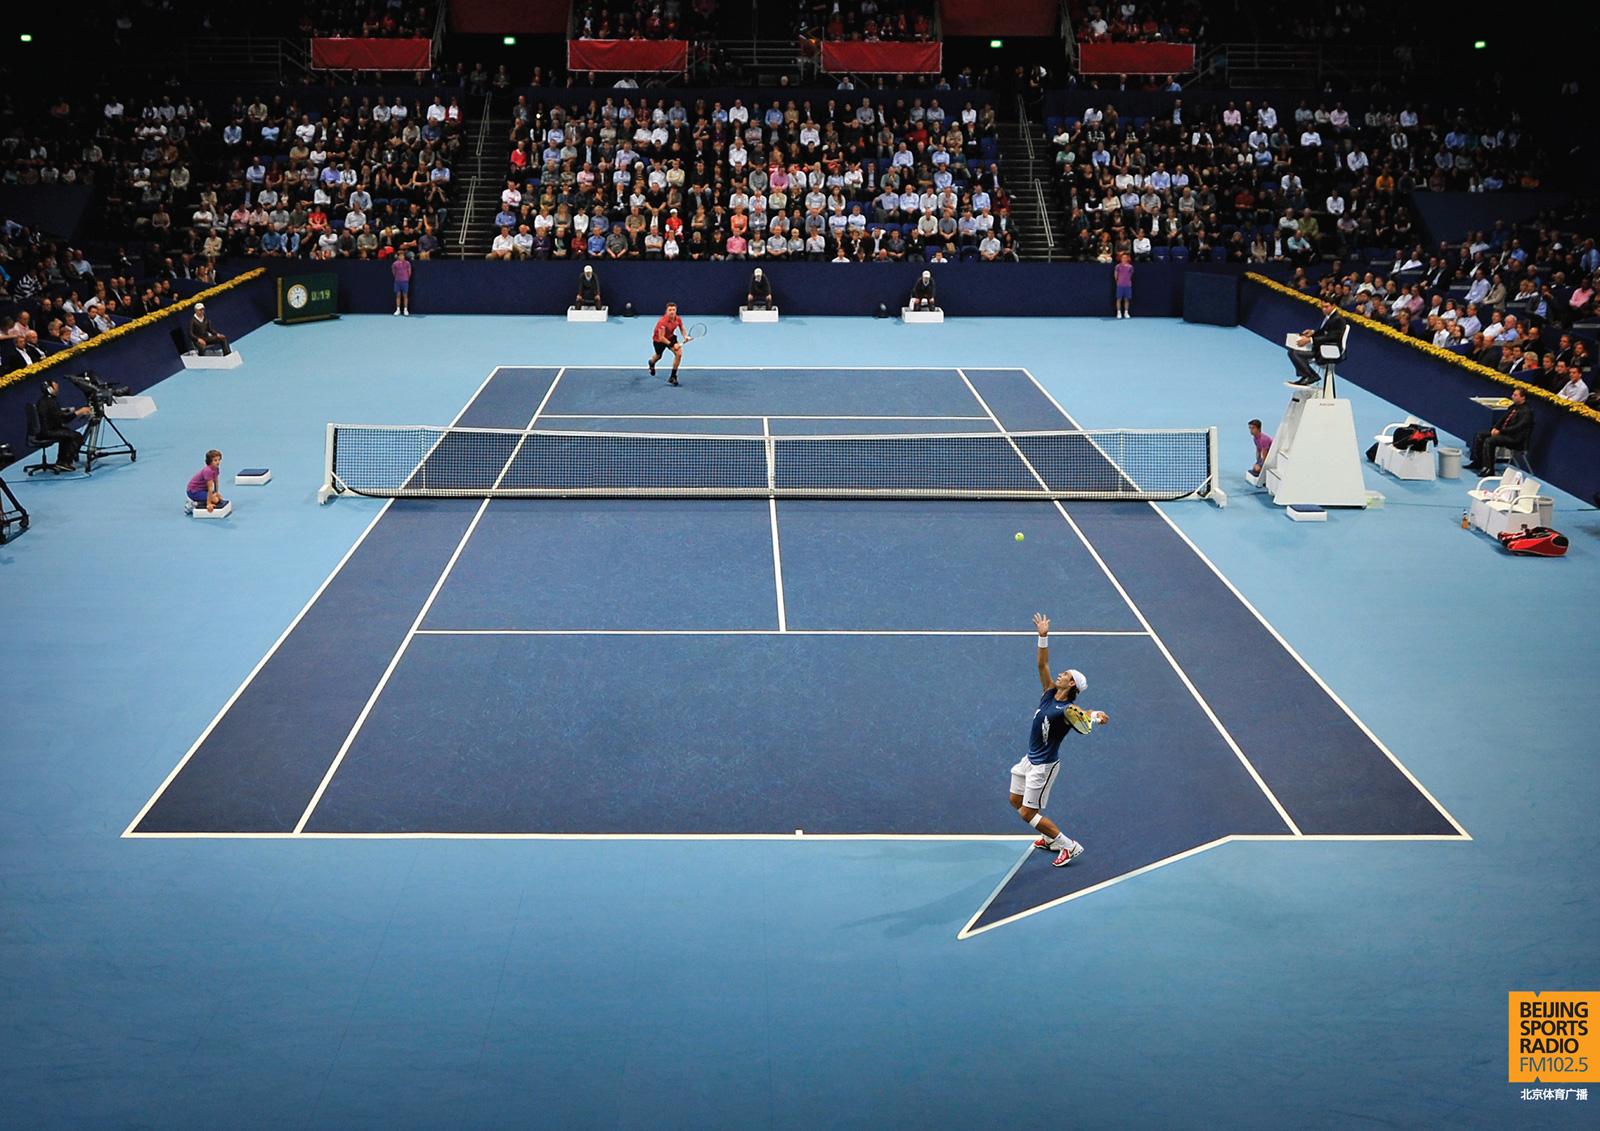 Beijng Radio - tennis